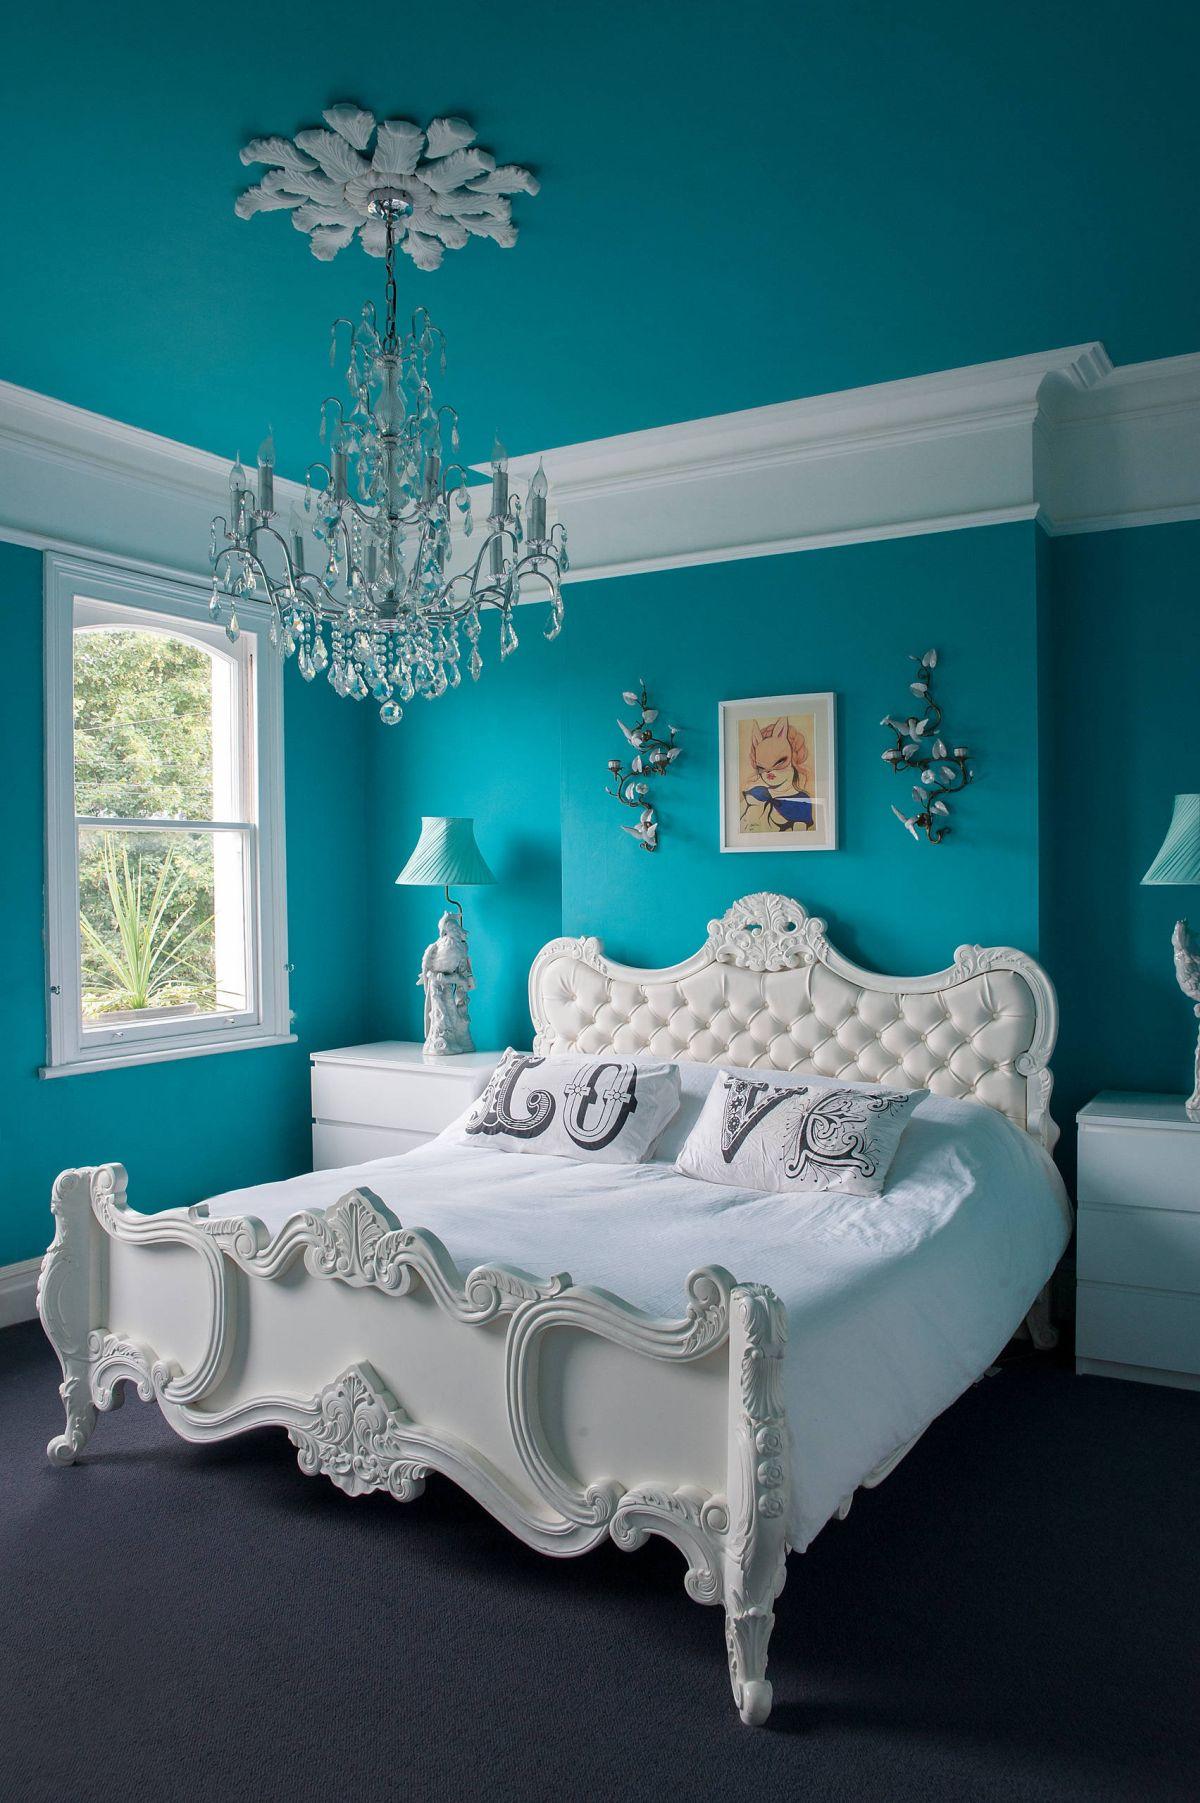 View bedroom colors in gallery FCSBREK